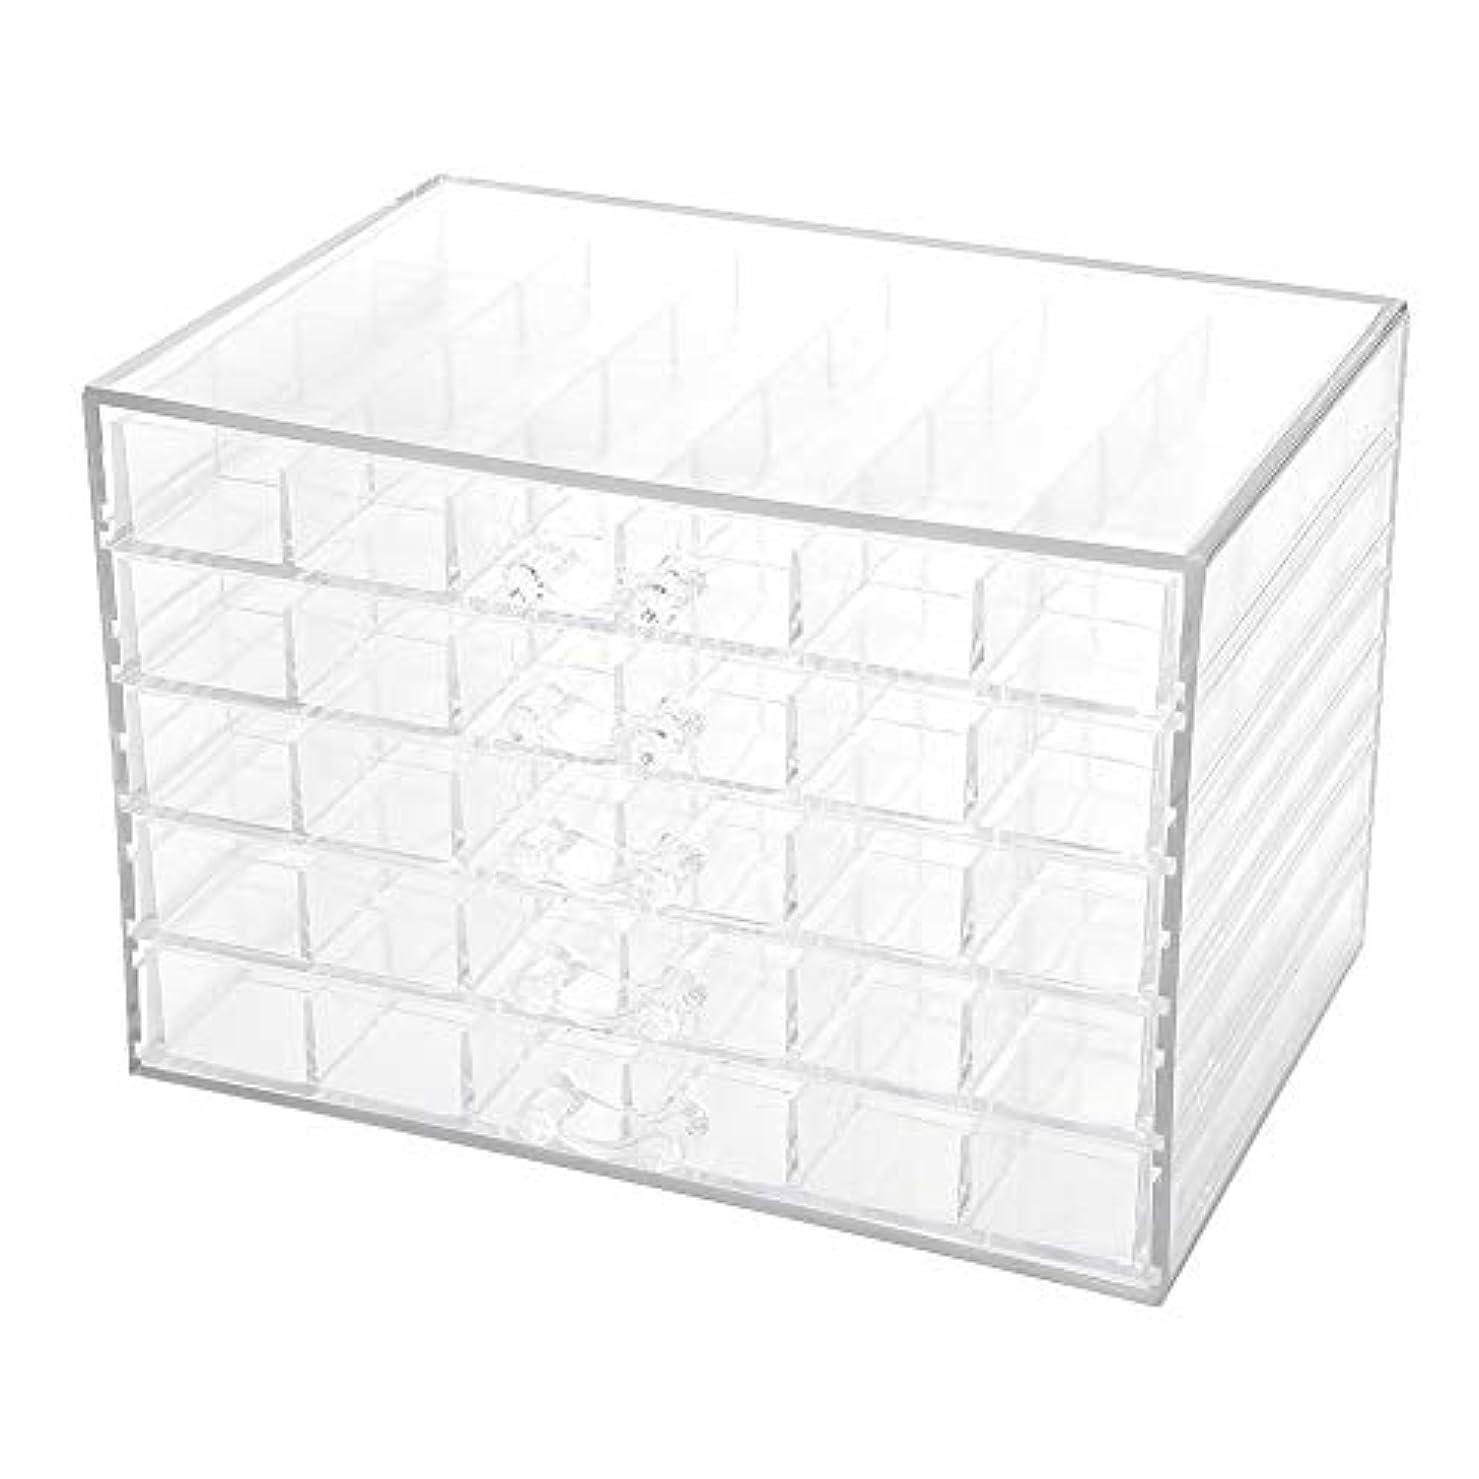 キャラクター出血生物学ネイルデコレーション収納ボックス、120グリッドネイルデコレーションシーケンス整理ボックス透明な空のネイルアート収納ボックス、ネイルアート機器